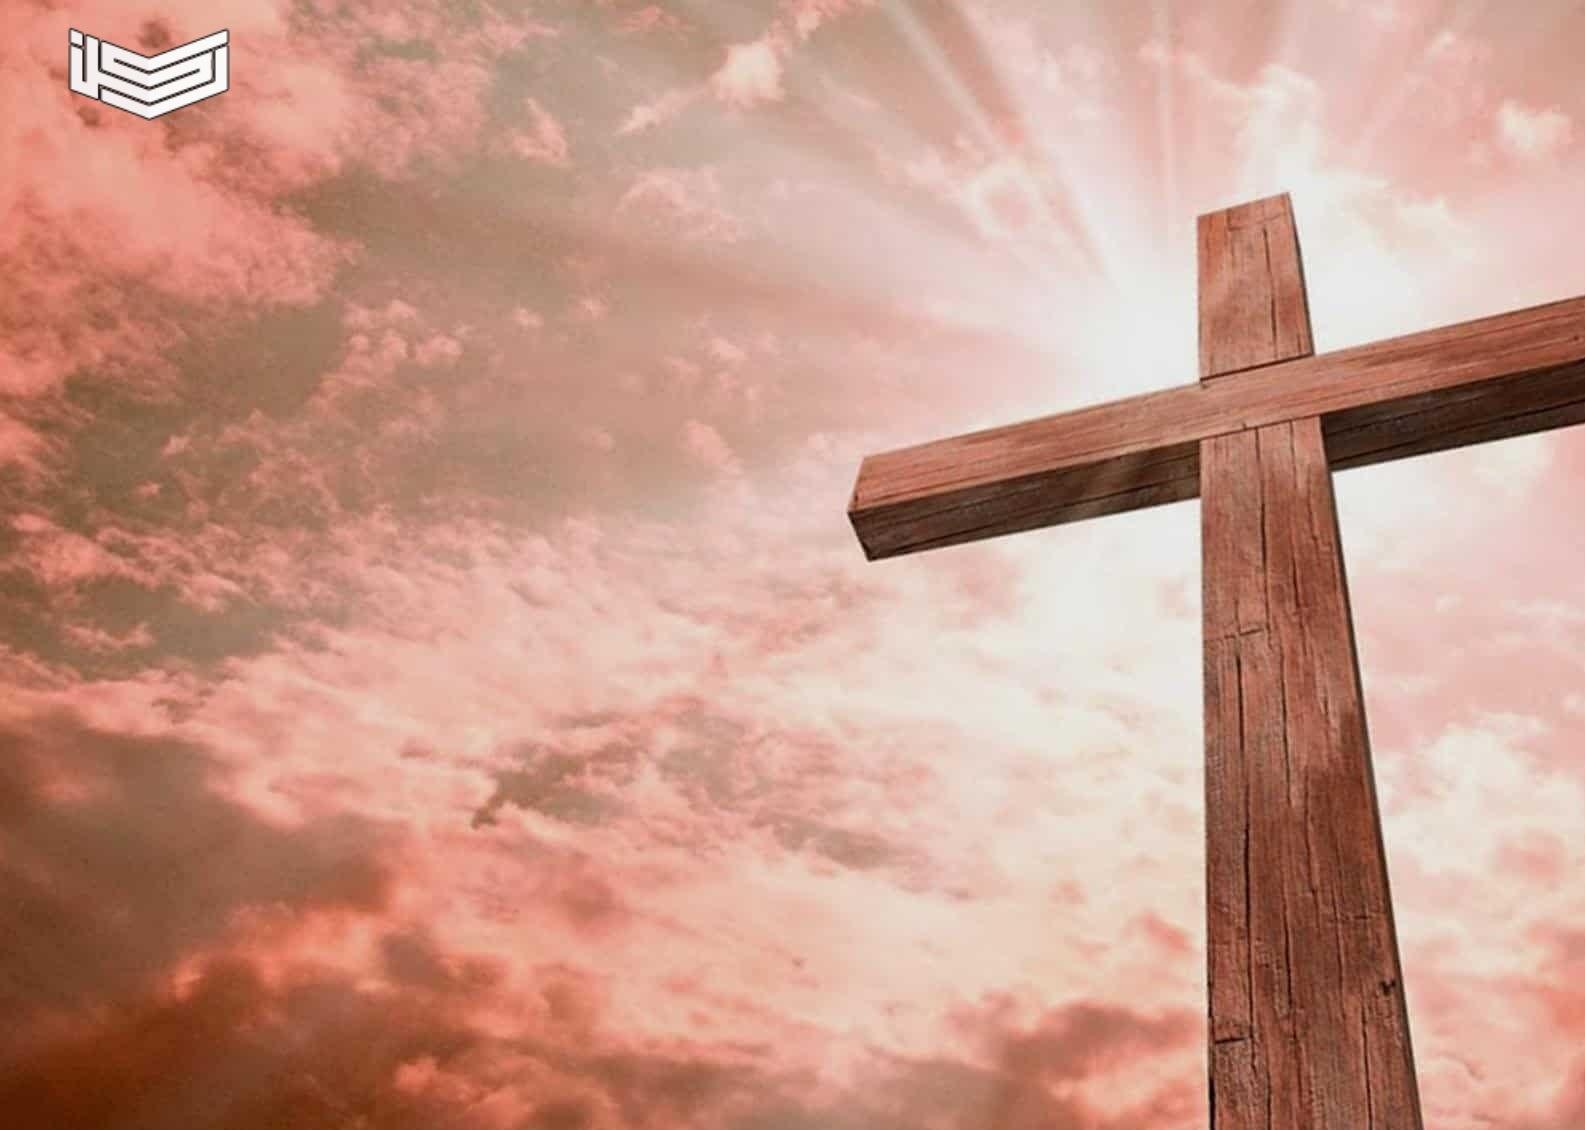 تفسير حلم رؤية الصليب في المنام لابن سيرين